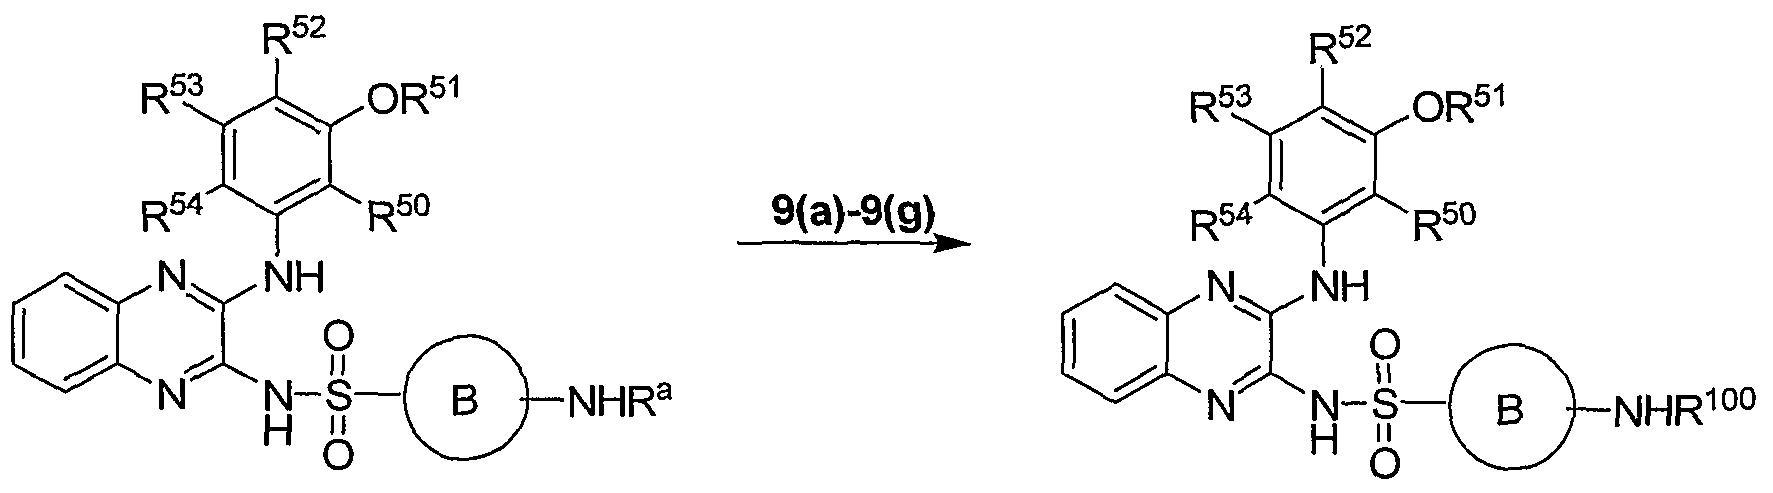 Figure imgf000184_0001